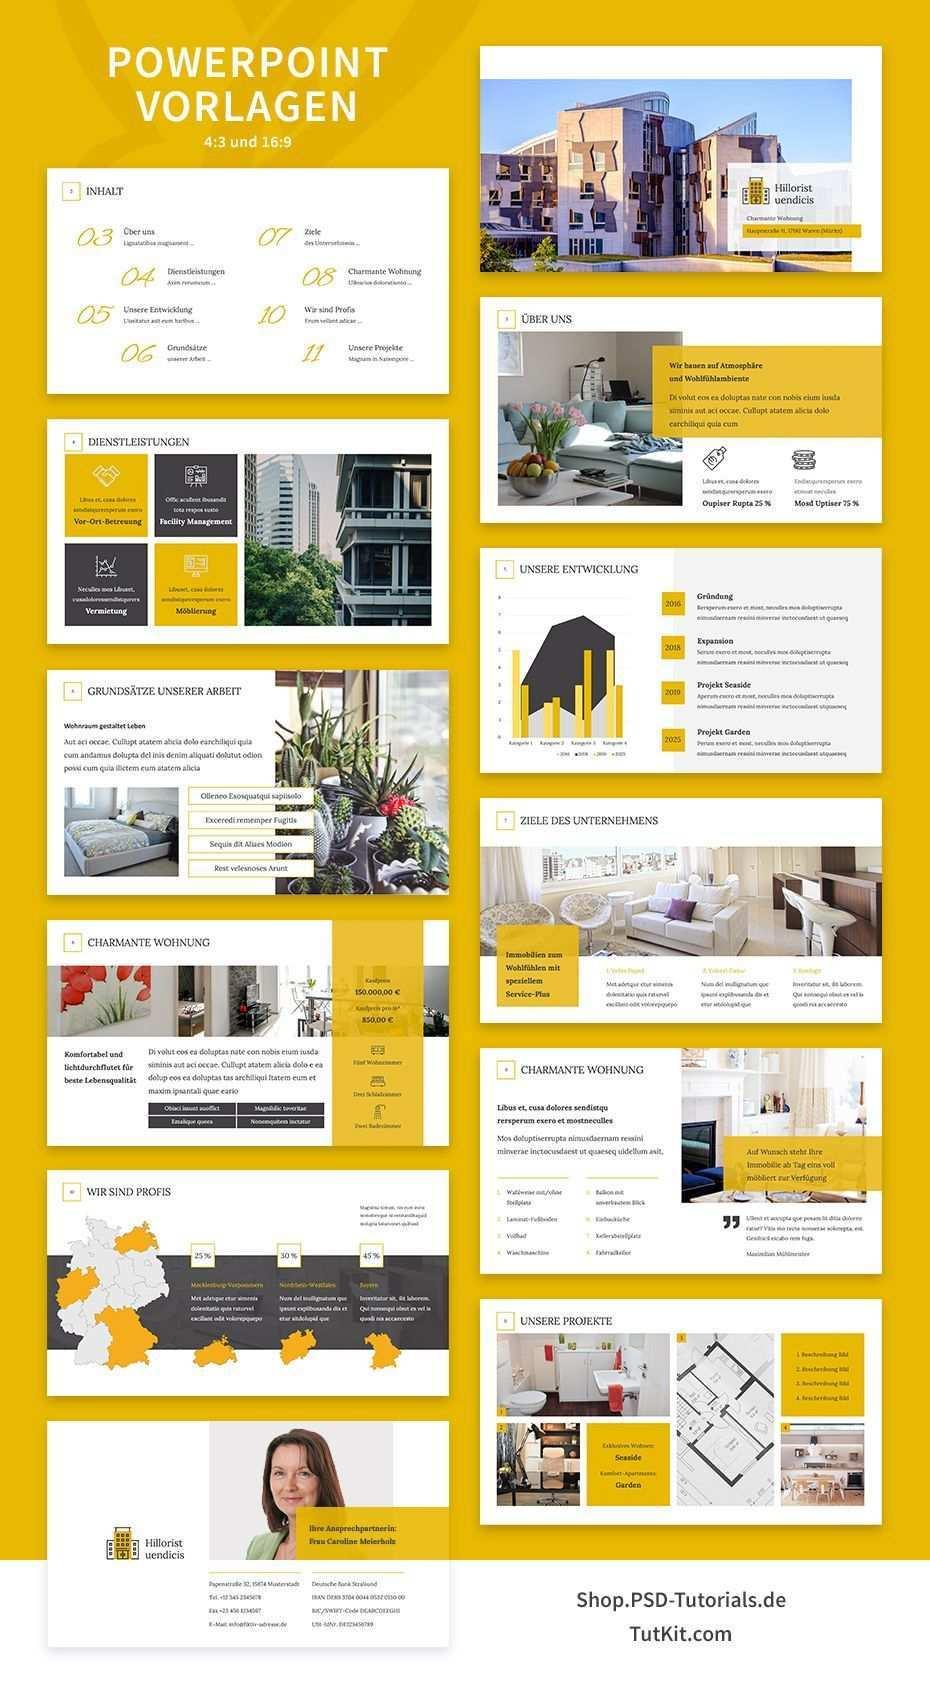 Immobilien Marketing Hochwertige Corporate Design Vorlagen Powerpoint Die Prasentation Wurde Speziell Fur D Corporate Design Designvorlagen Expose Immobilien